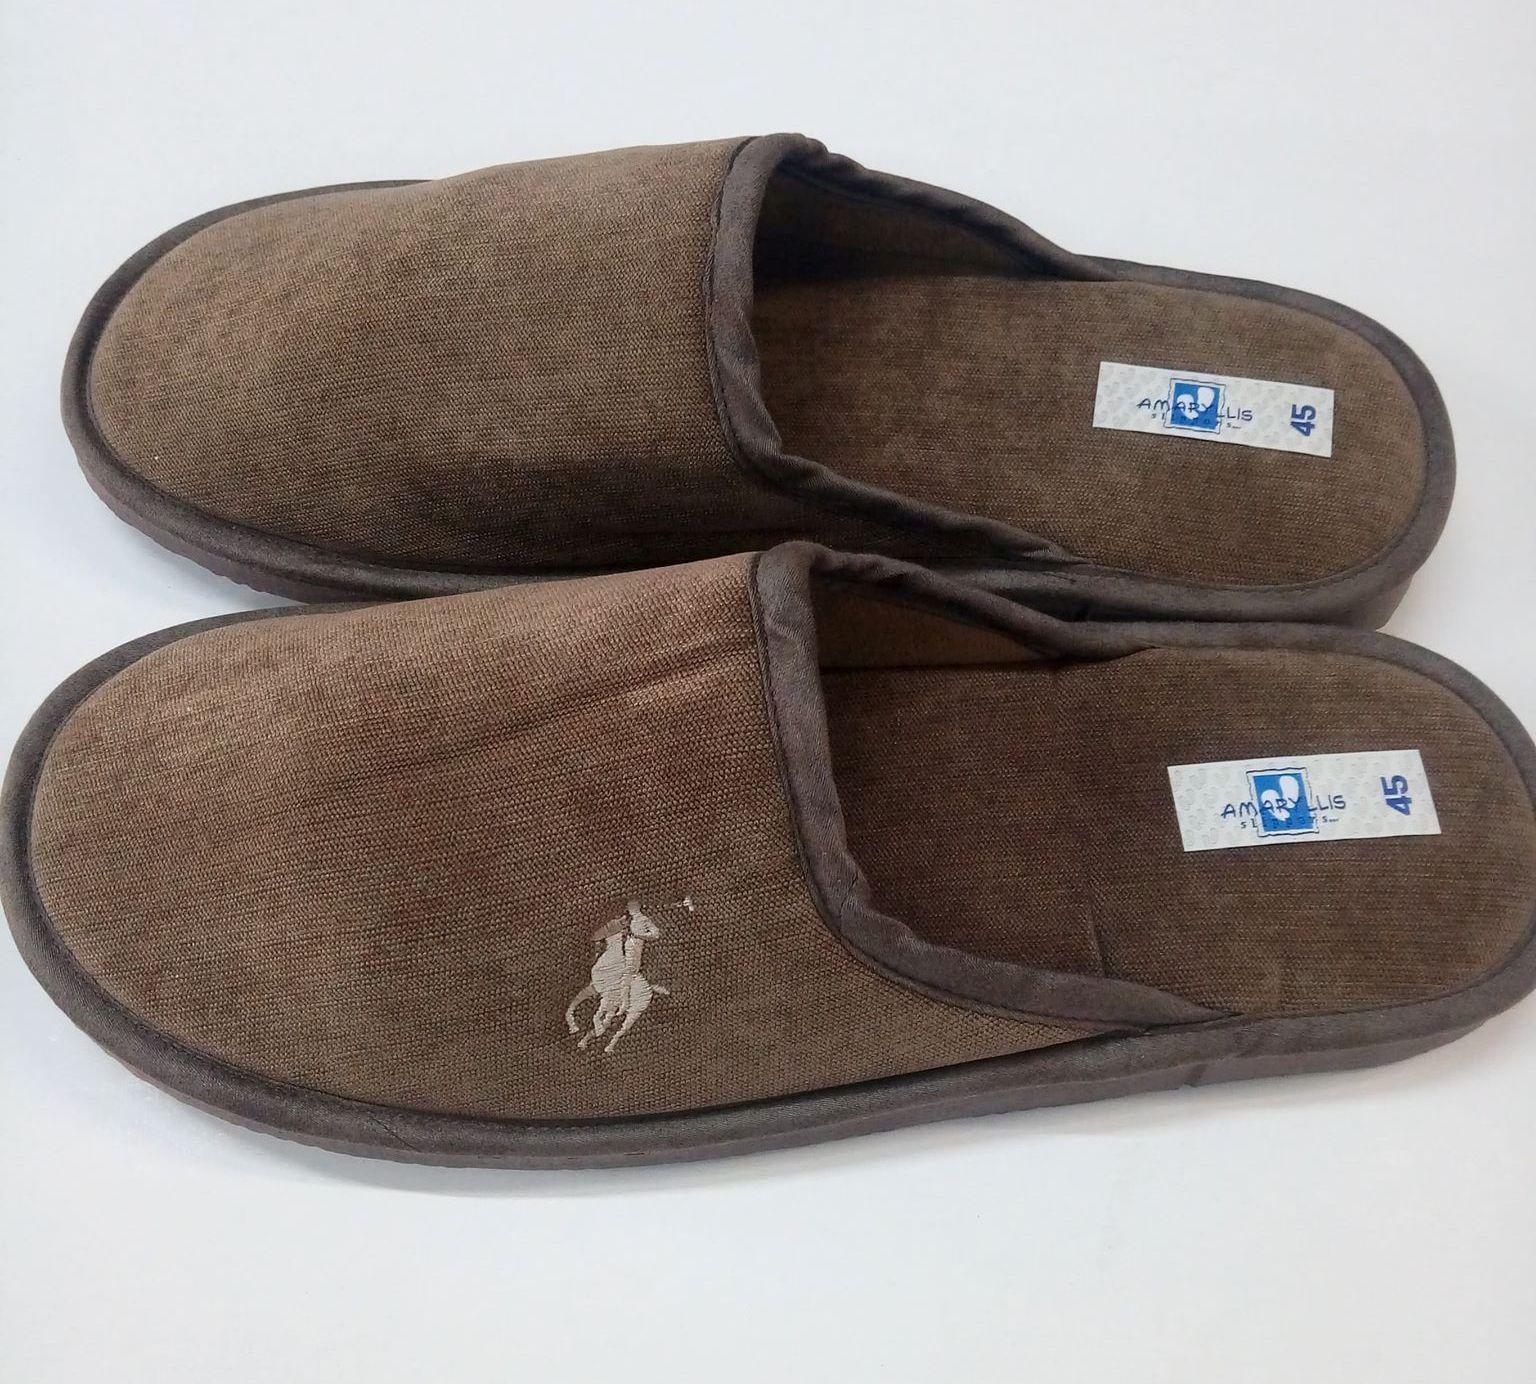 Ανδρικές παντόφλες Amaryllis Slippers,5311,καφέ με κέντημα.